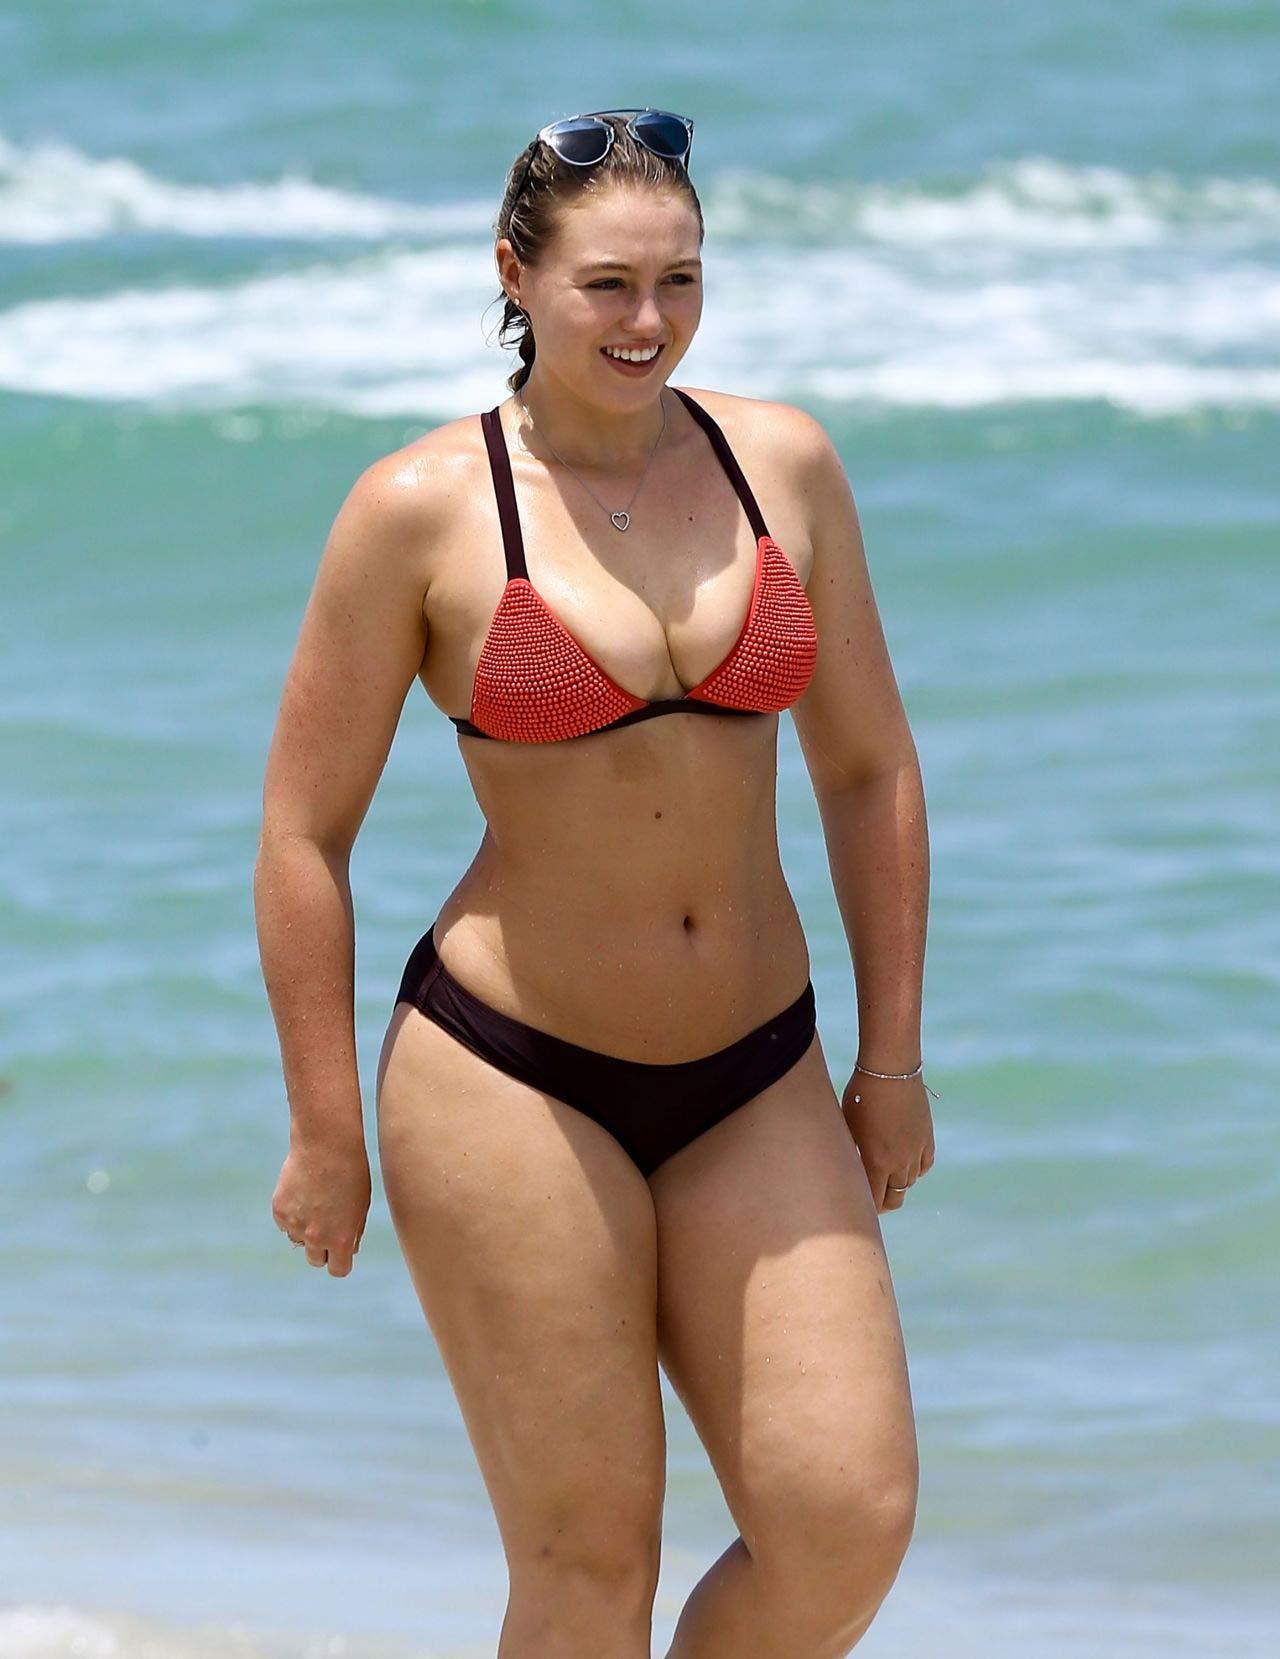 Mẫu béo đẳng cấp gợi tình với bikini khoét hông cao ngút - 11